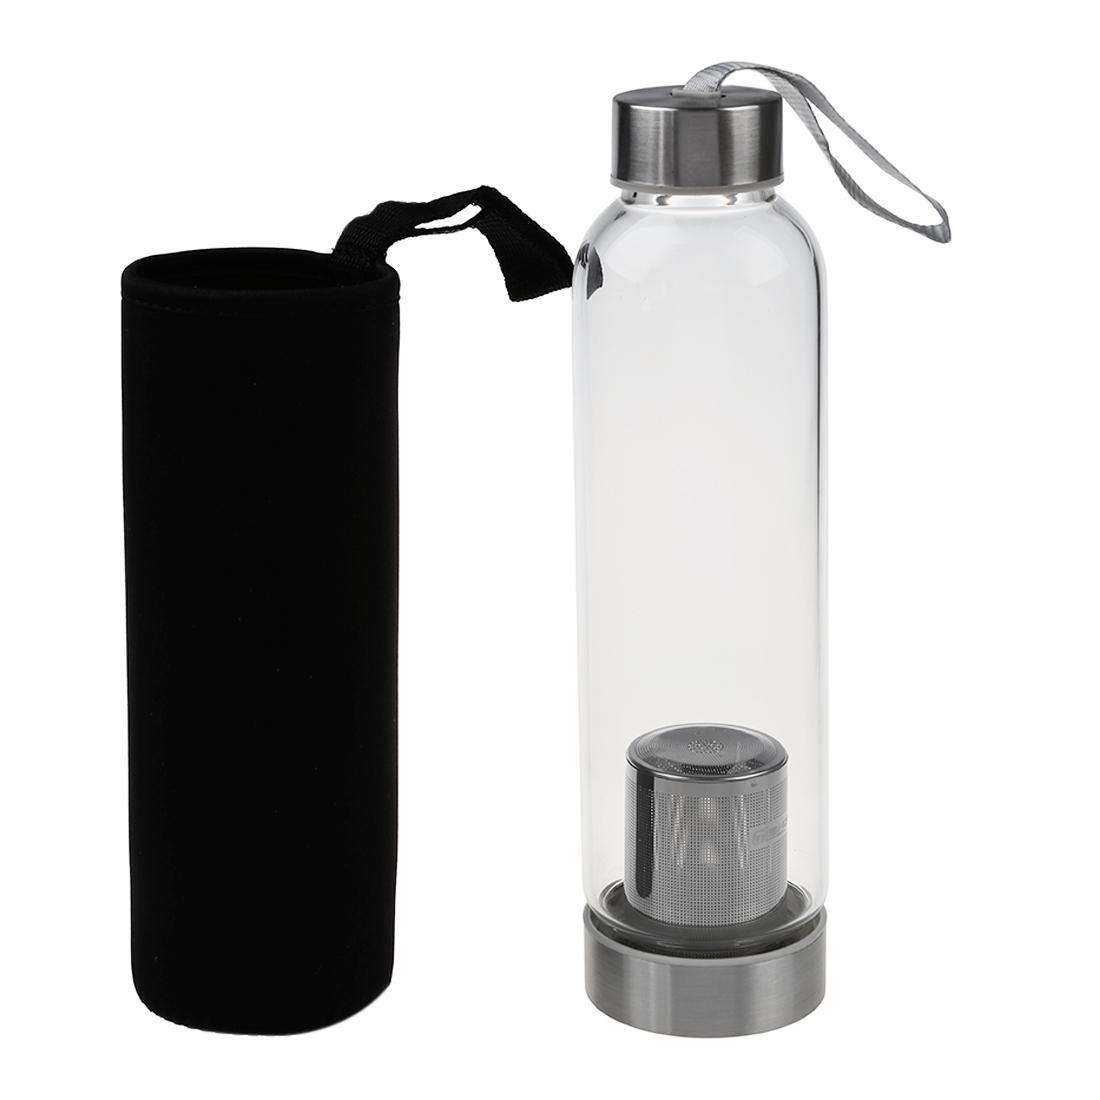 a8cb85ec9 Compre 550 Ml De Vidro Quente Esporte Garrafa De Água Com Filtro De Chá  Infusor Bolsa Protetora Nova Moda Verão Quente De Zhanshen001